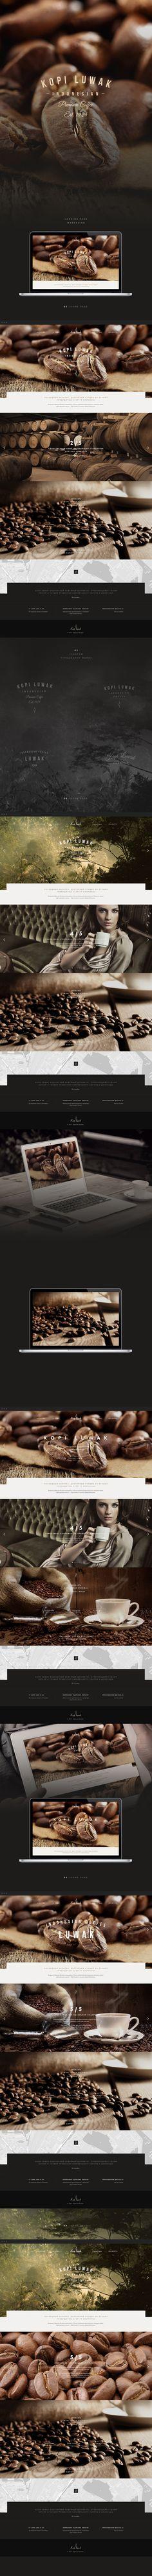 Kopi Luwak, design, web, branding,